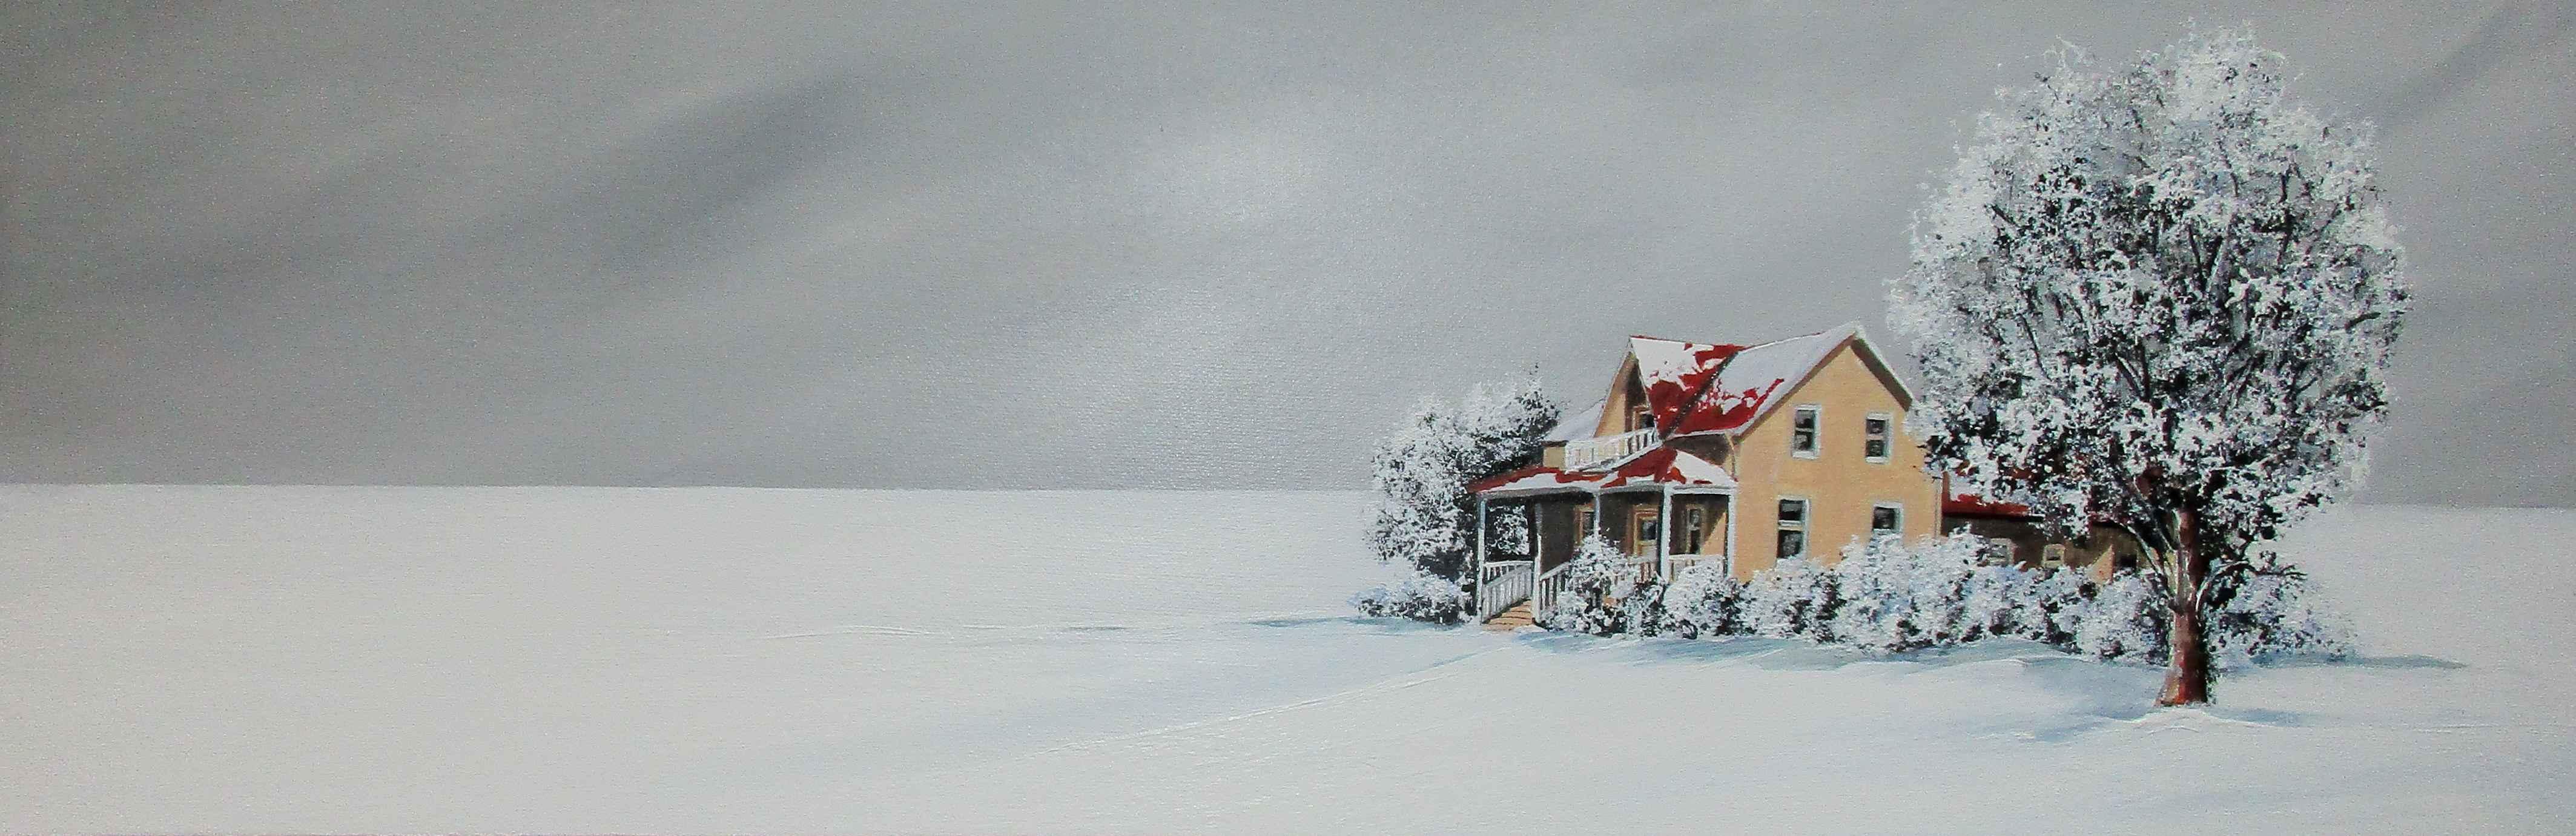 Buried In Snow by  Janet Liesemer - Masterpiece Online